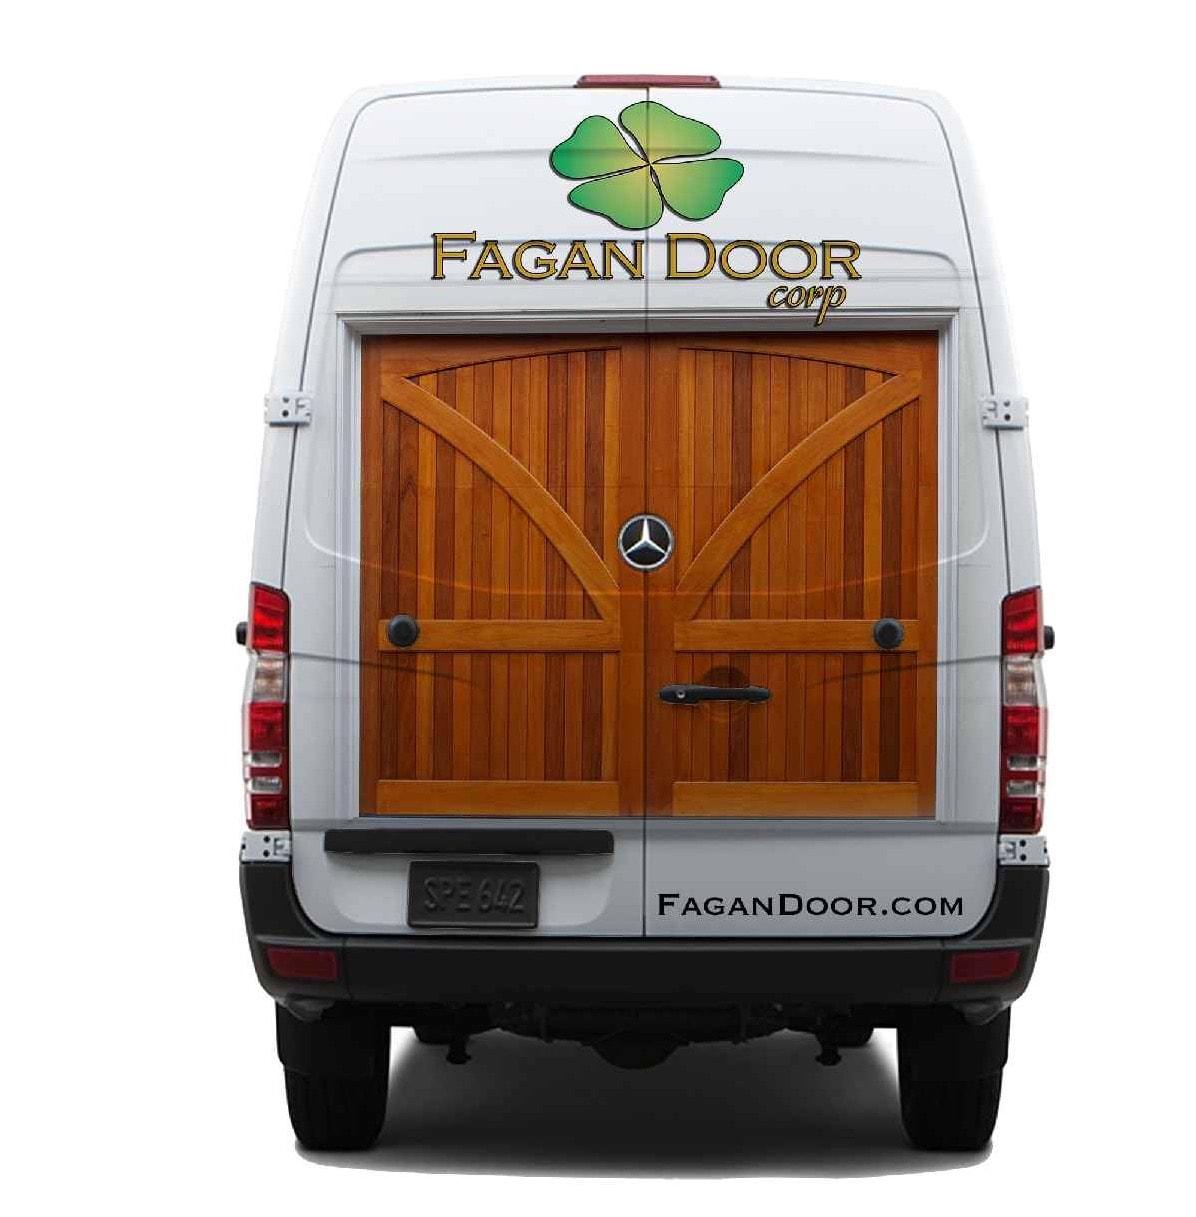 Fagan Door Corp logo